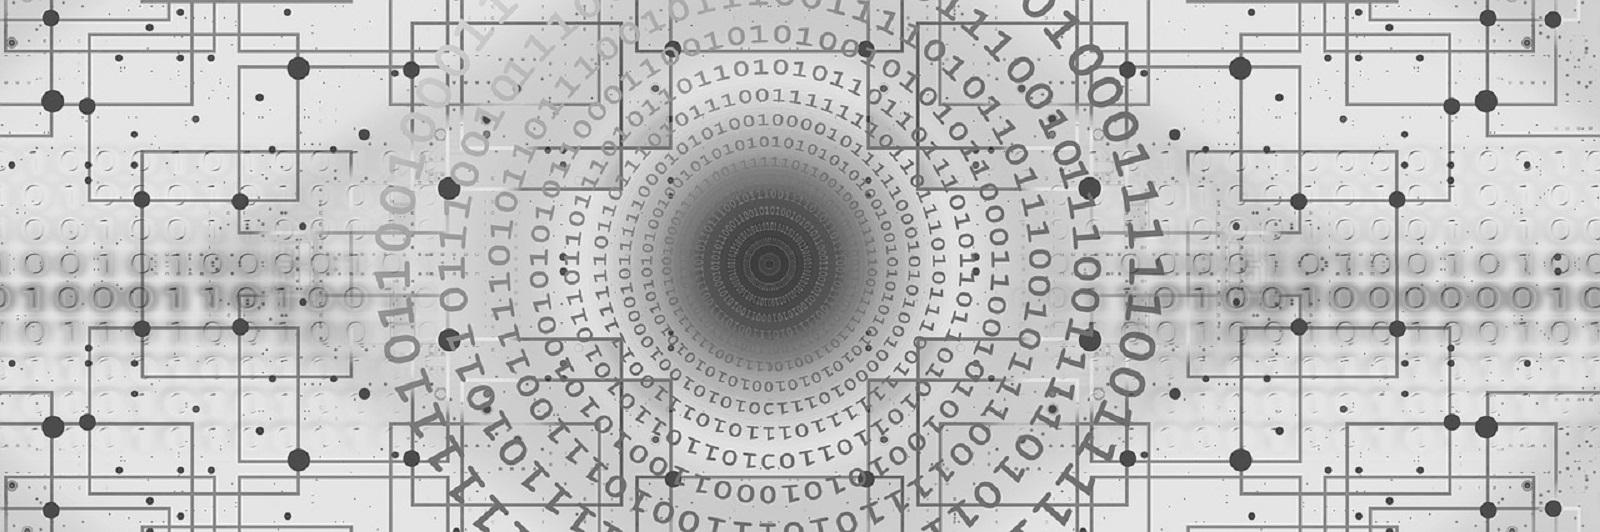 Imatge representant la programació informàtica